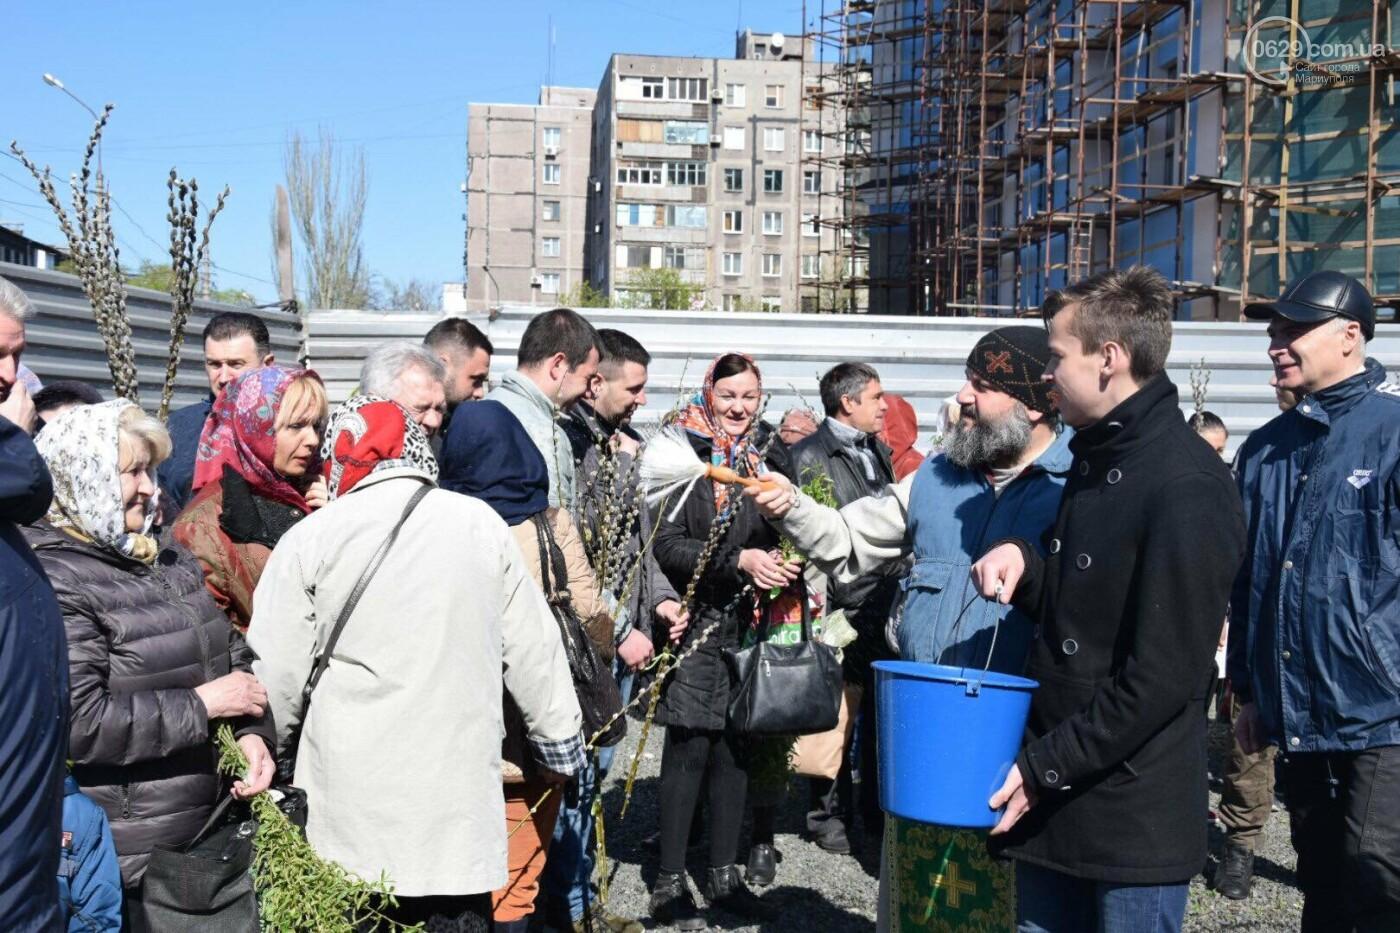 Выборы и верба: как Мариуполь празднует православный праздник, - ФОТОРЕПОРТАЖ, фото-27